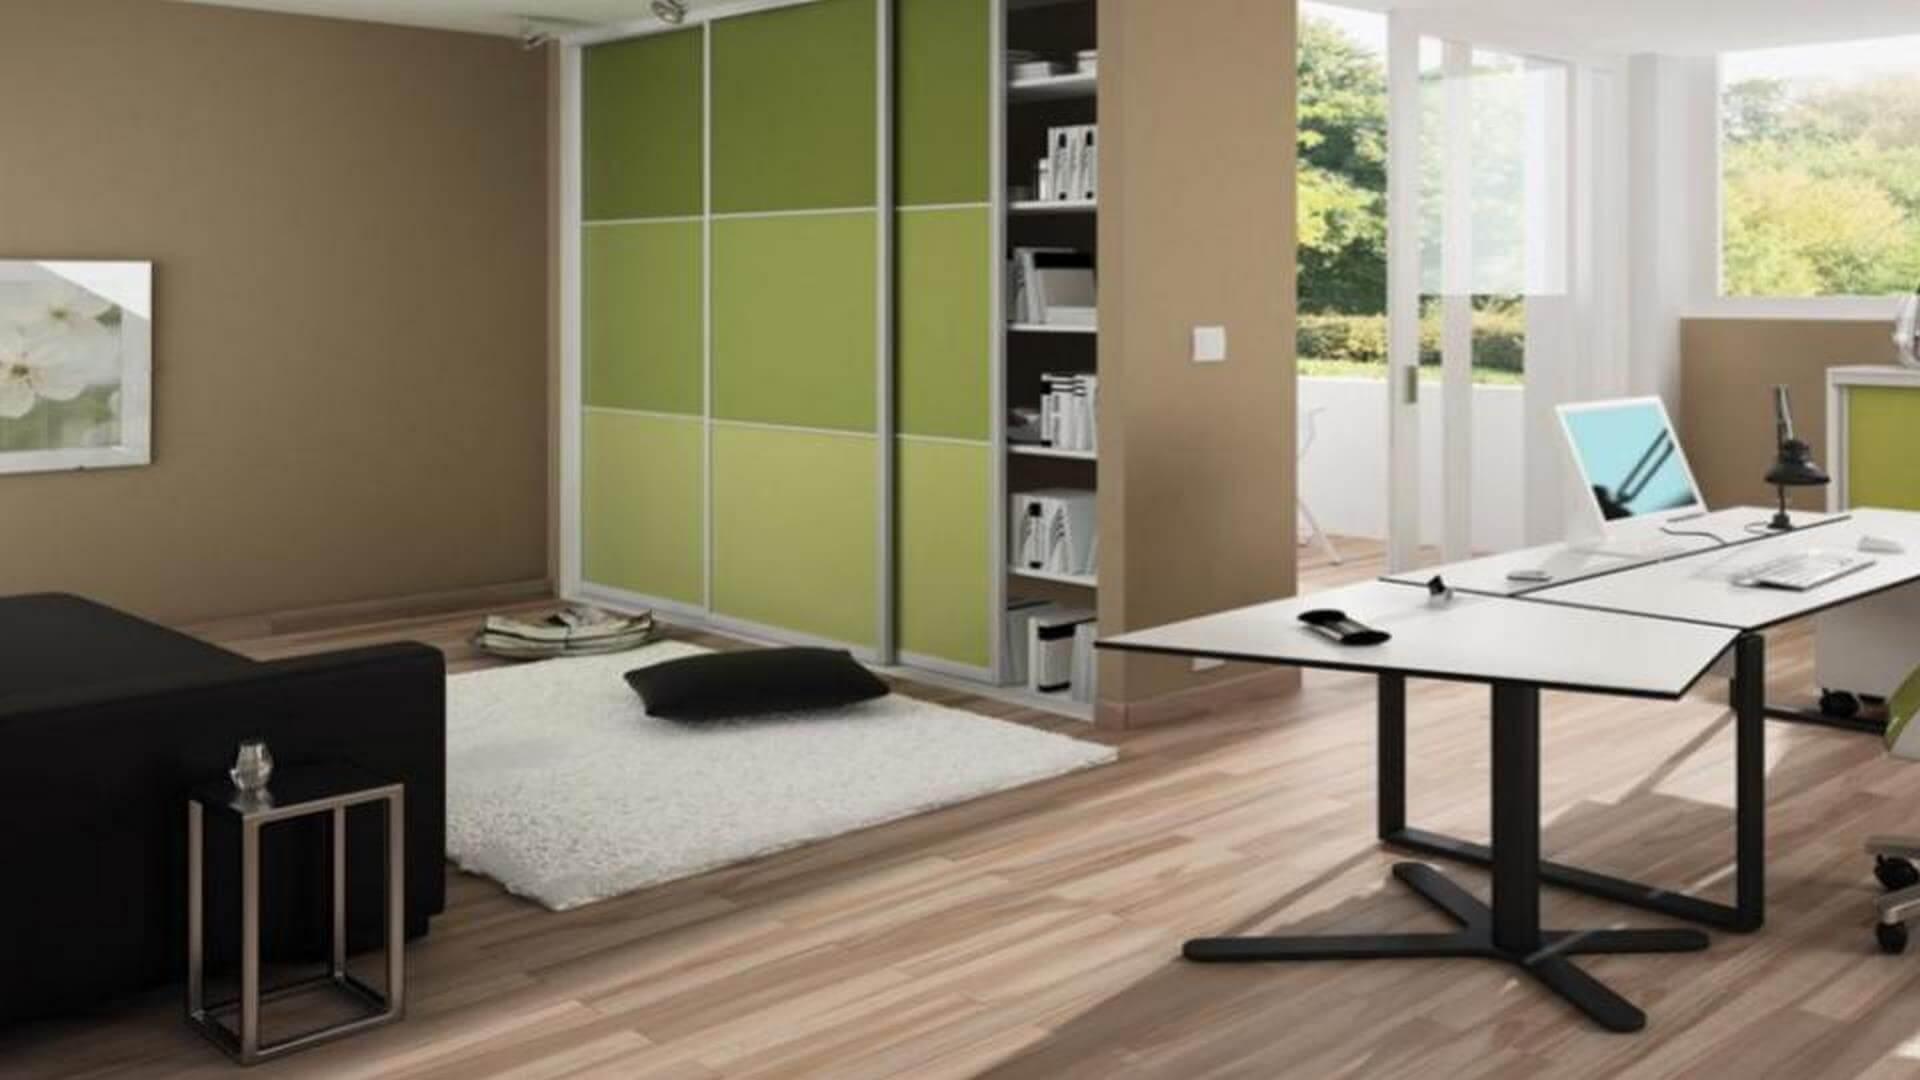 Szafa z zielonymi lustrzanymi drzwiami przesuwnymi do biura